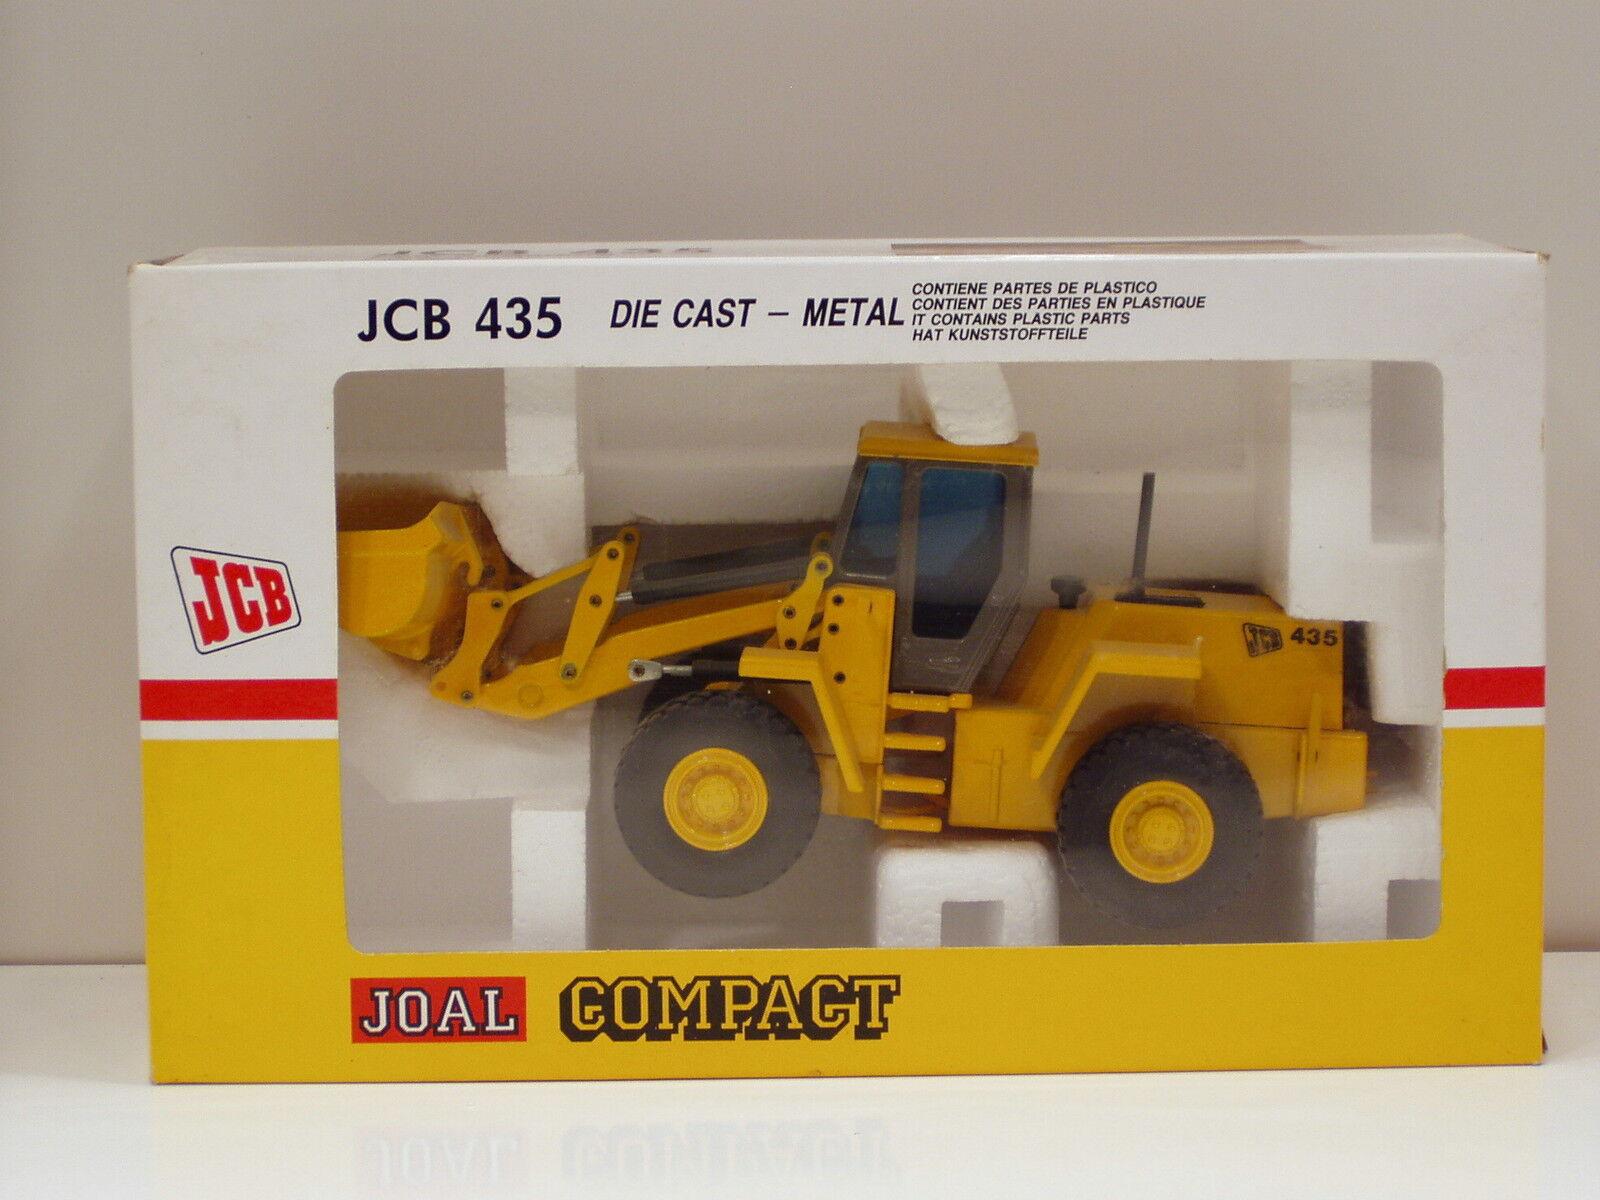 Entrega rápida y envío gratis en todos los pedidos. Jcb Jcb Jcb 435 Cochegadora de ruedas - 1 35-Joal   243-Mib  80% de descuento